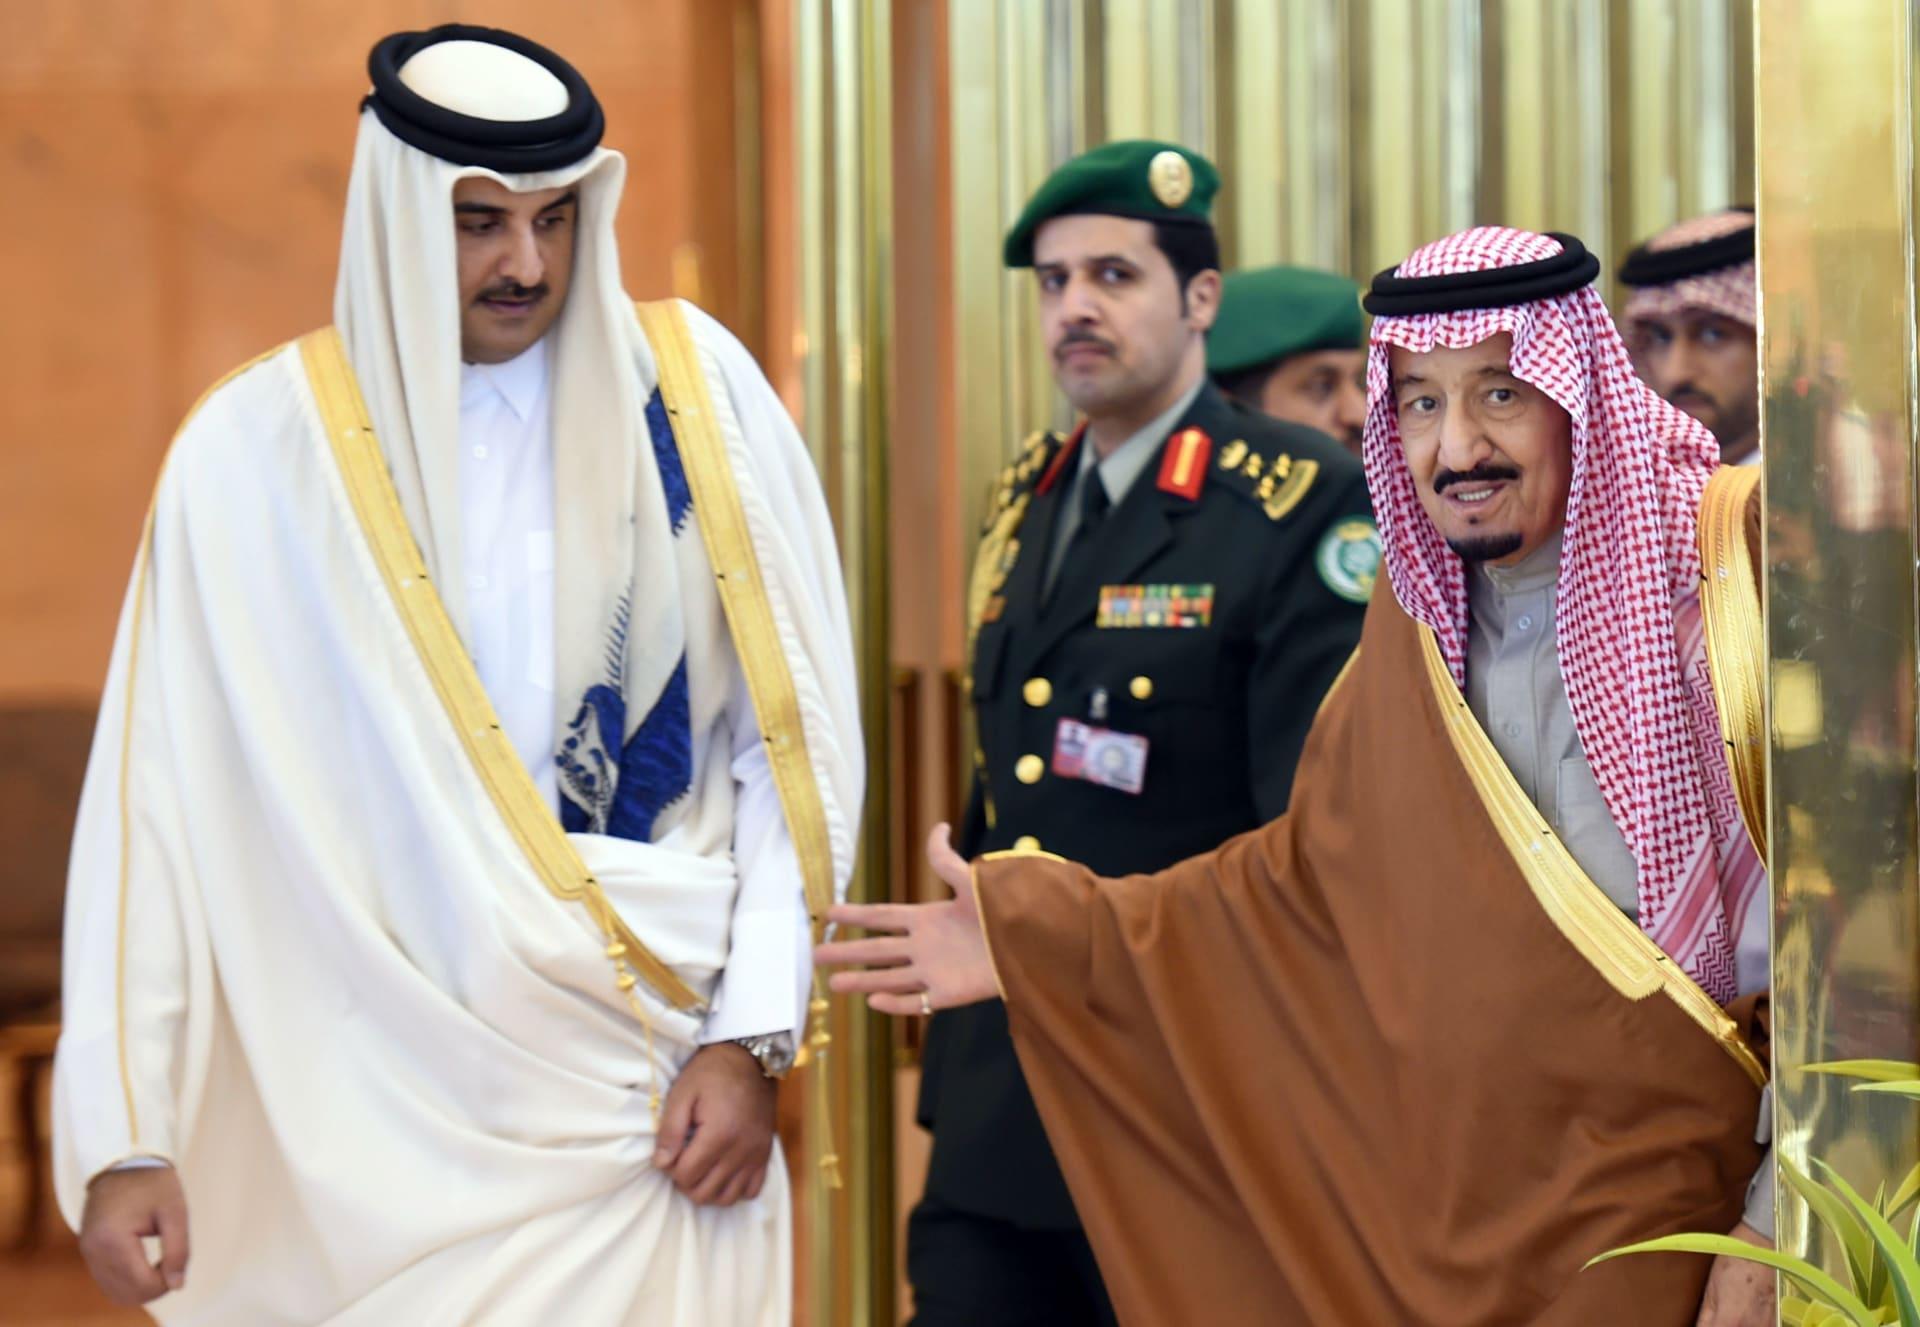 صورة أرشيفية لاستقبال الملك سلمان لأمير قطر العام 2015